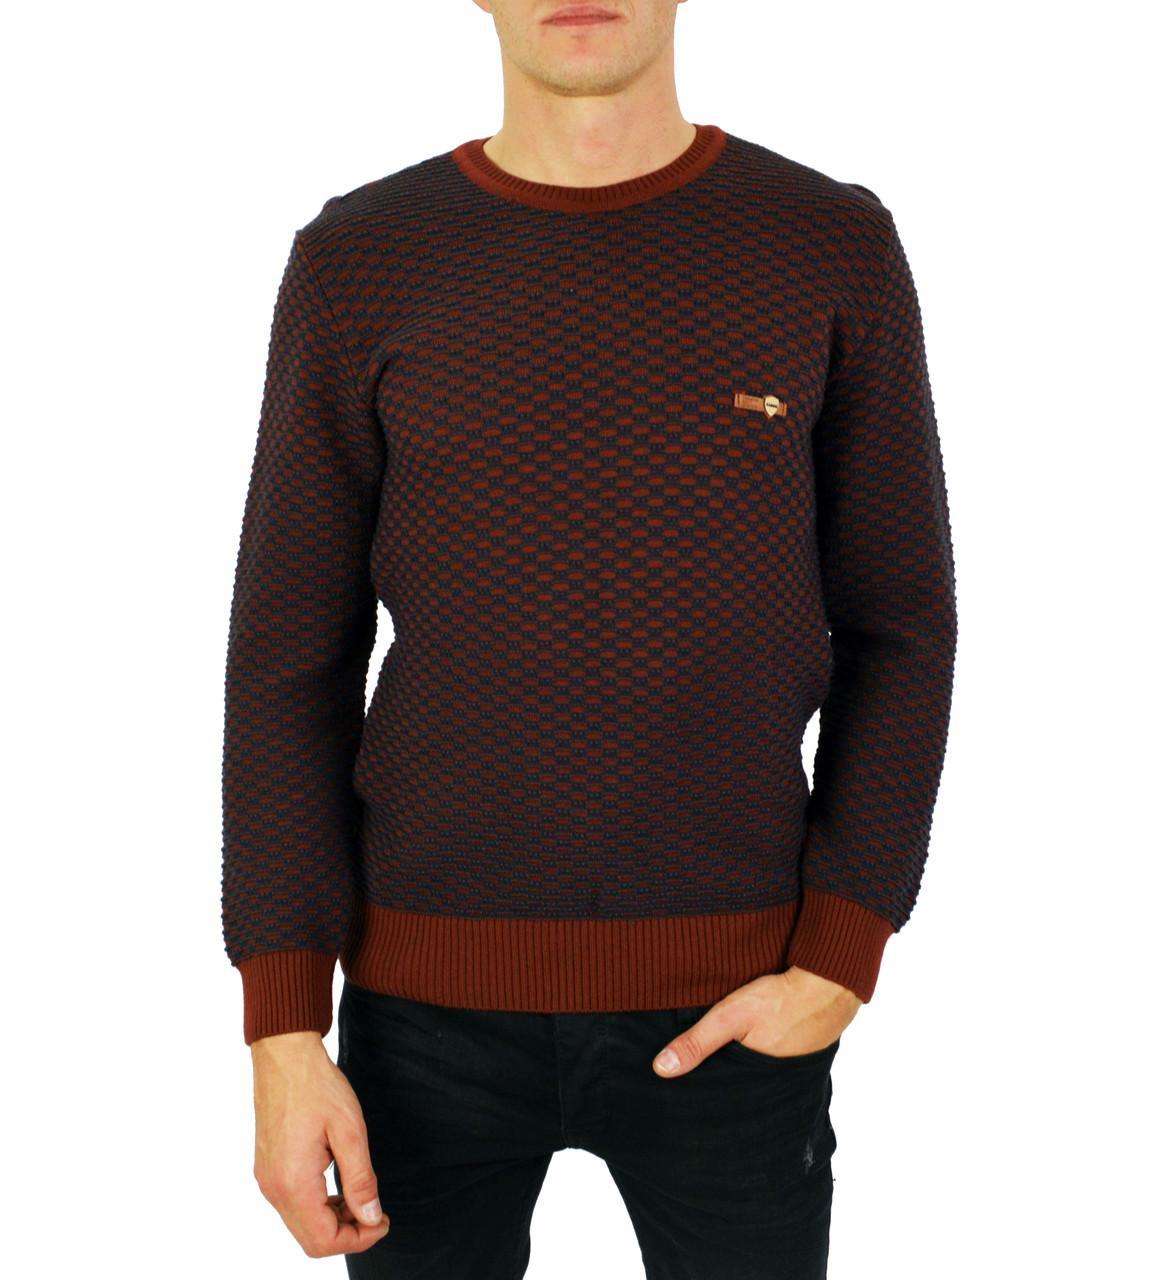 Коричневый свитер мужской, джемпер тонкий KAMENI